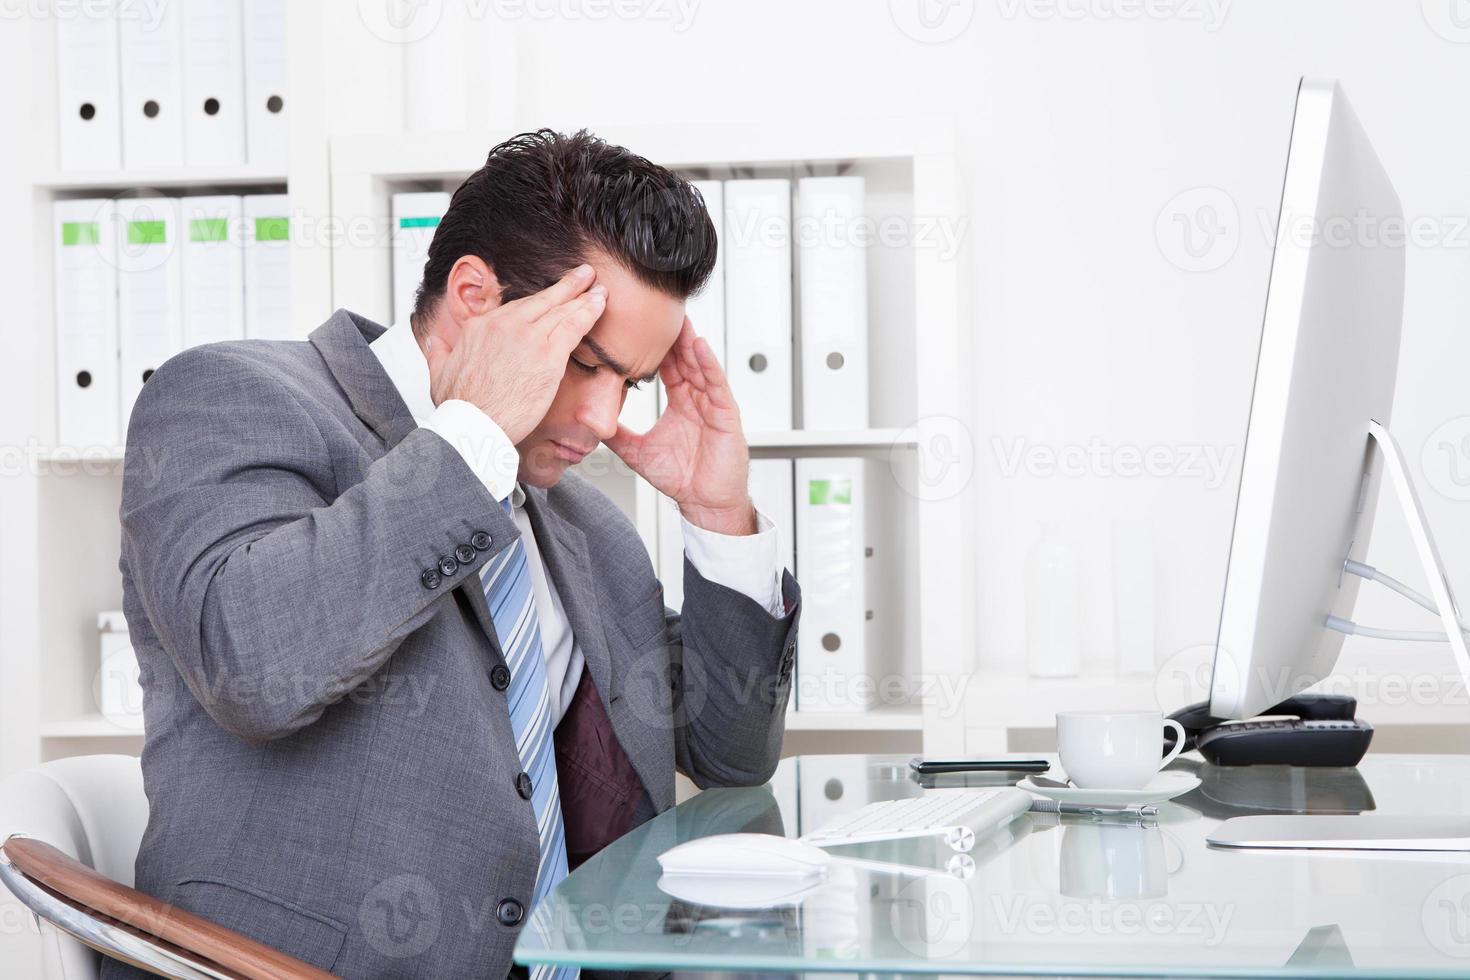 empresário sofre de dor de cabeça foto